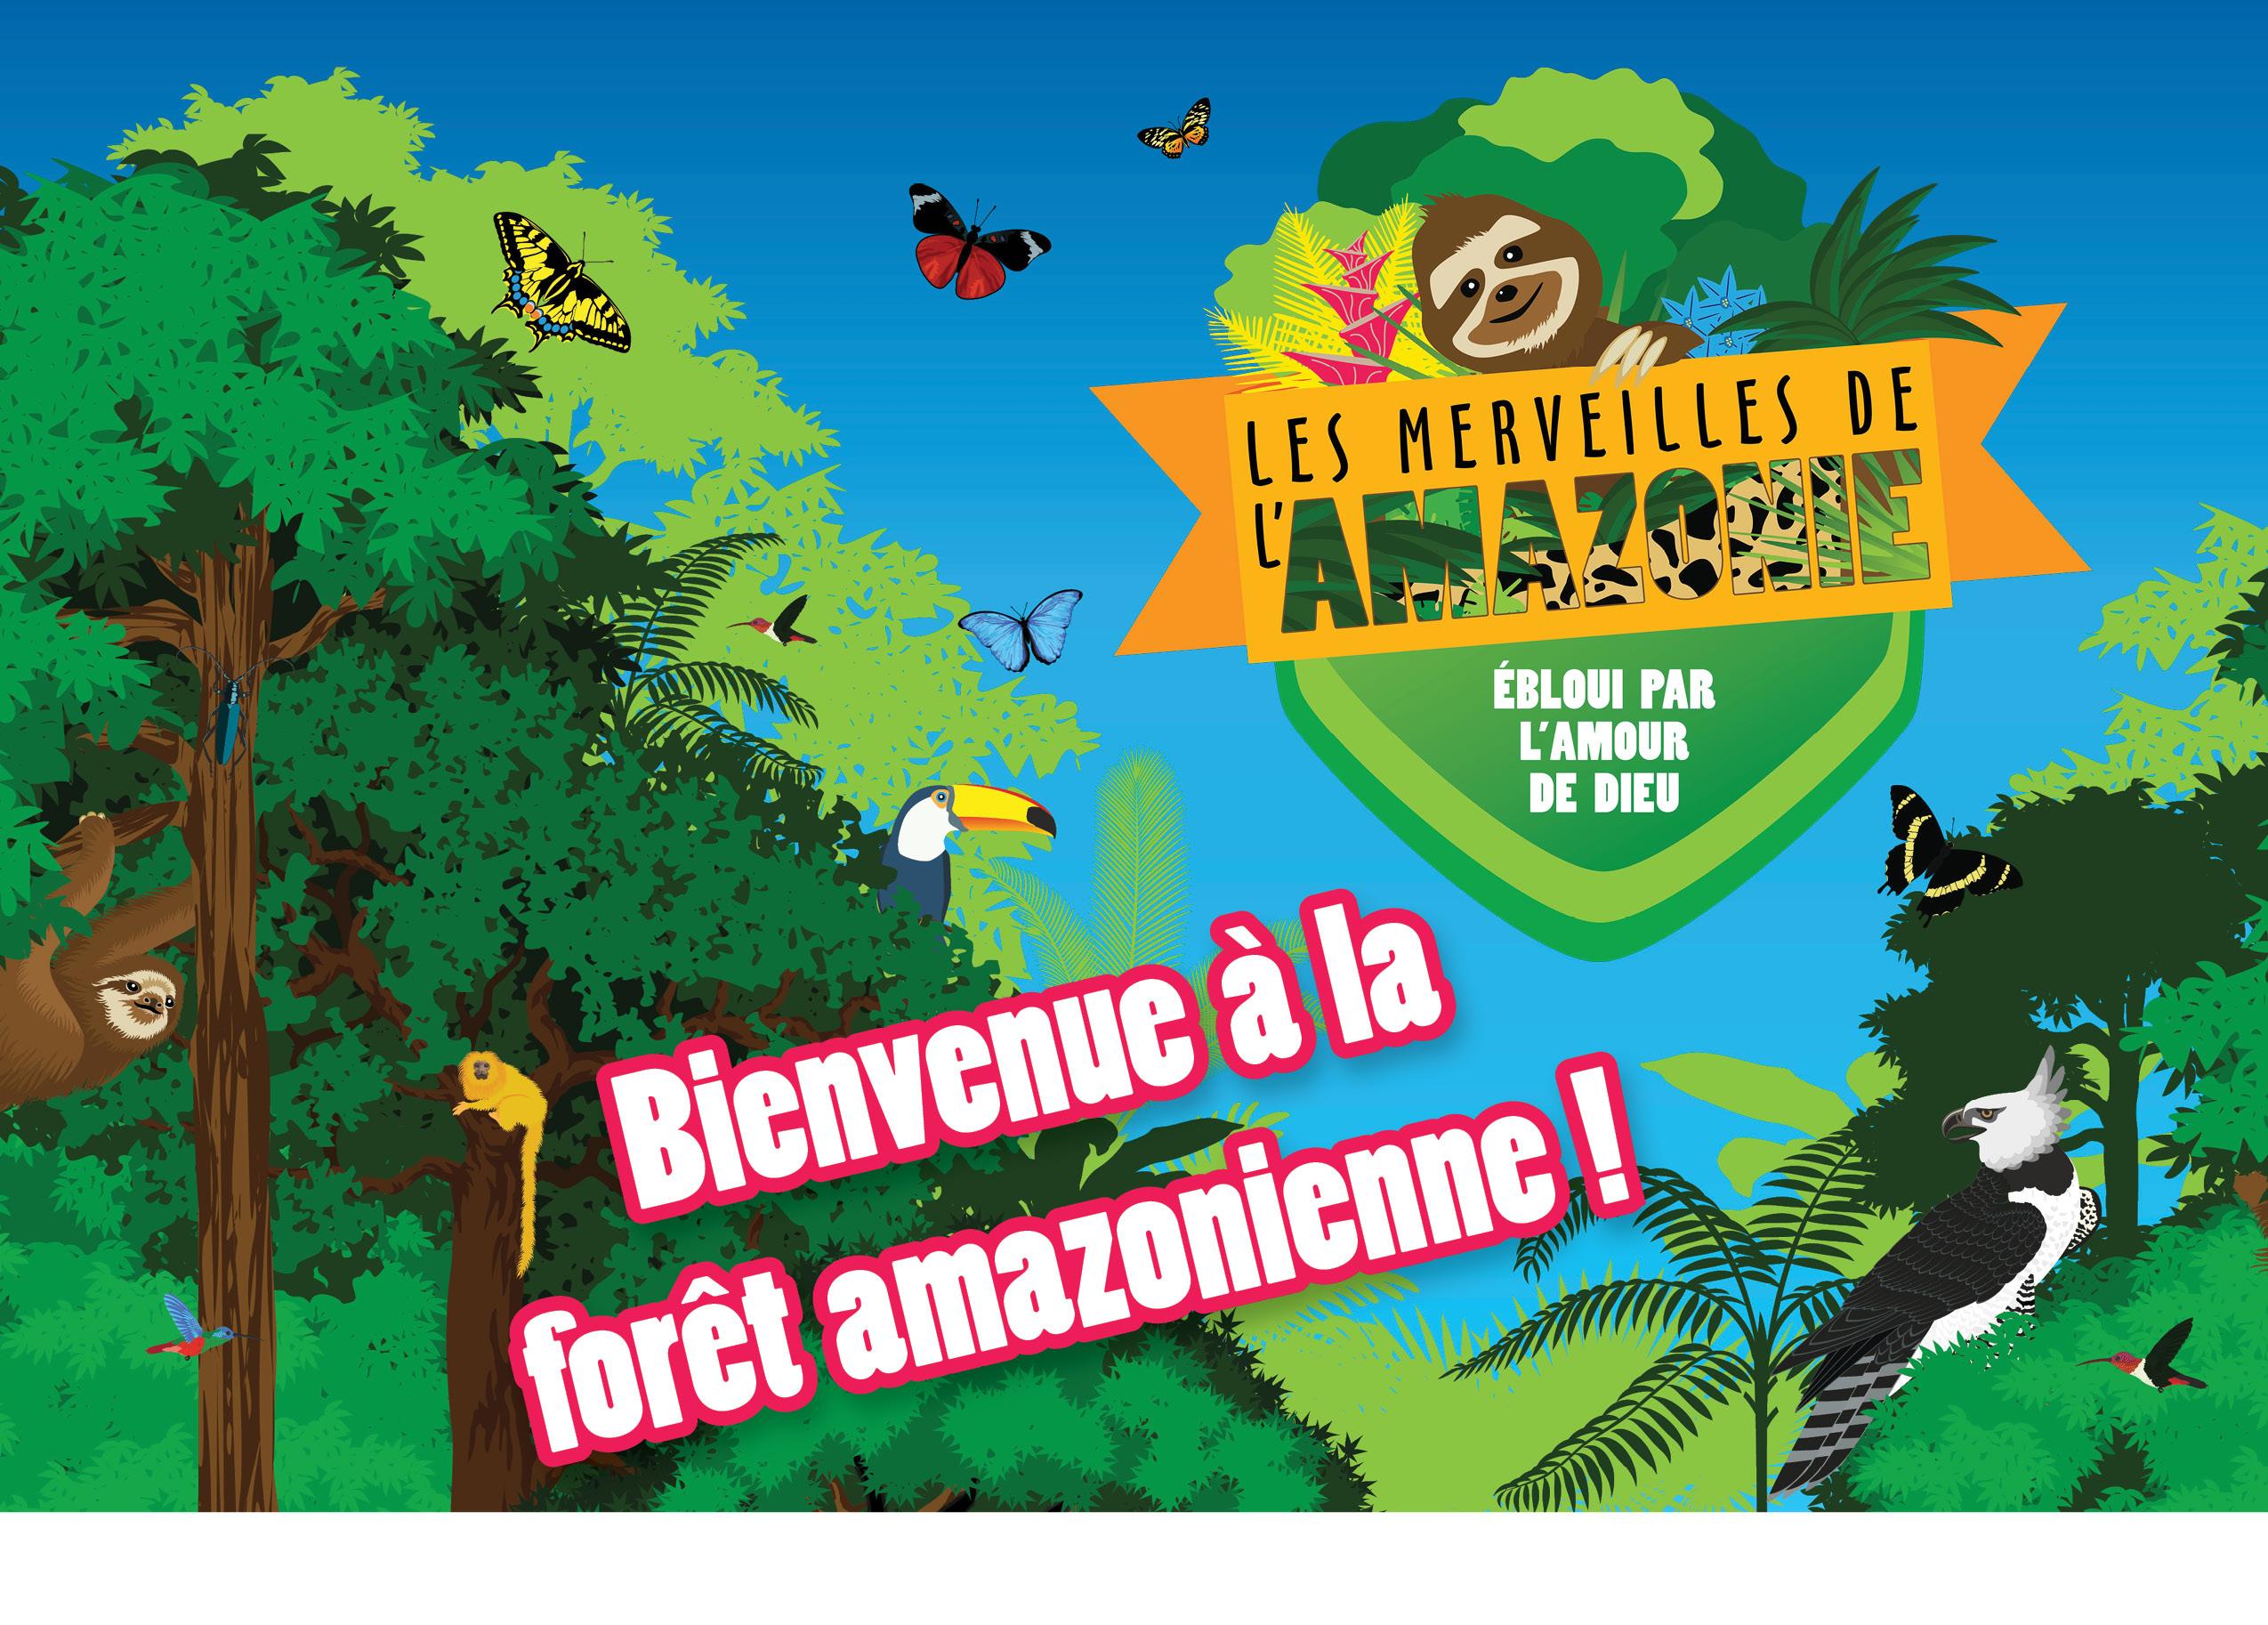 Bienvenue à la région amazonienne!